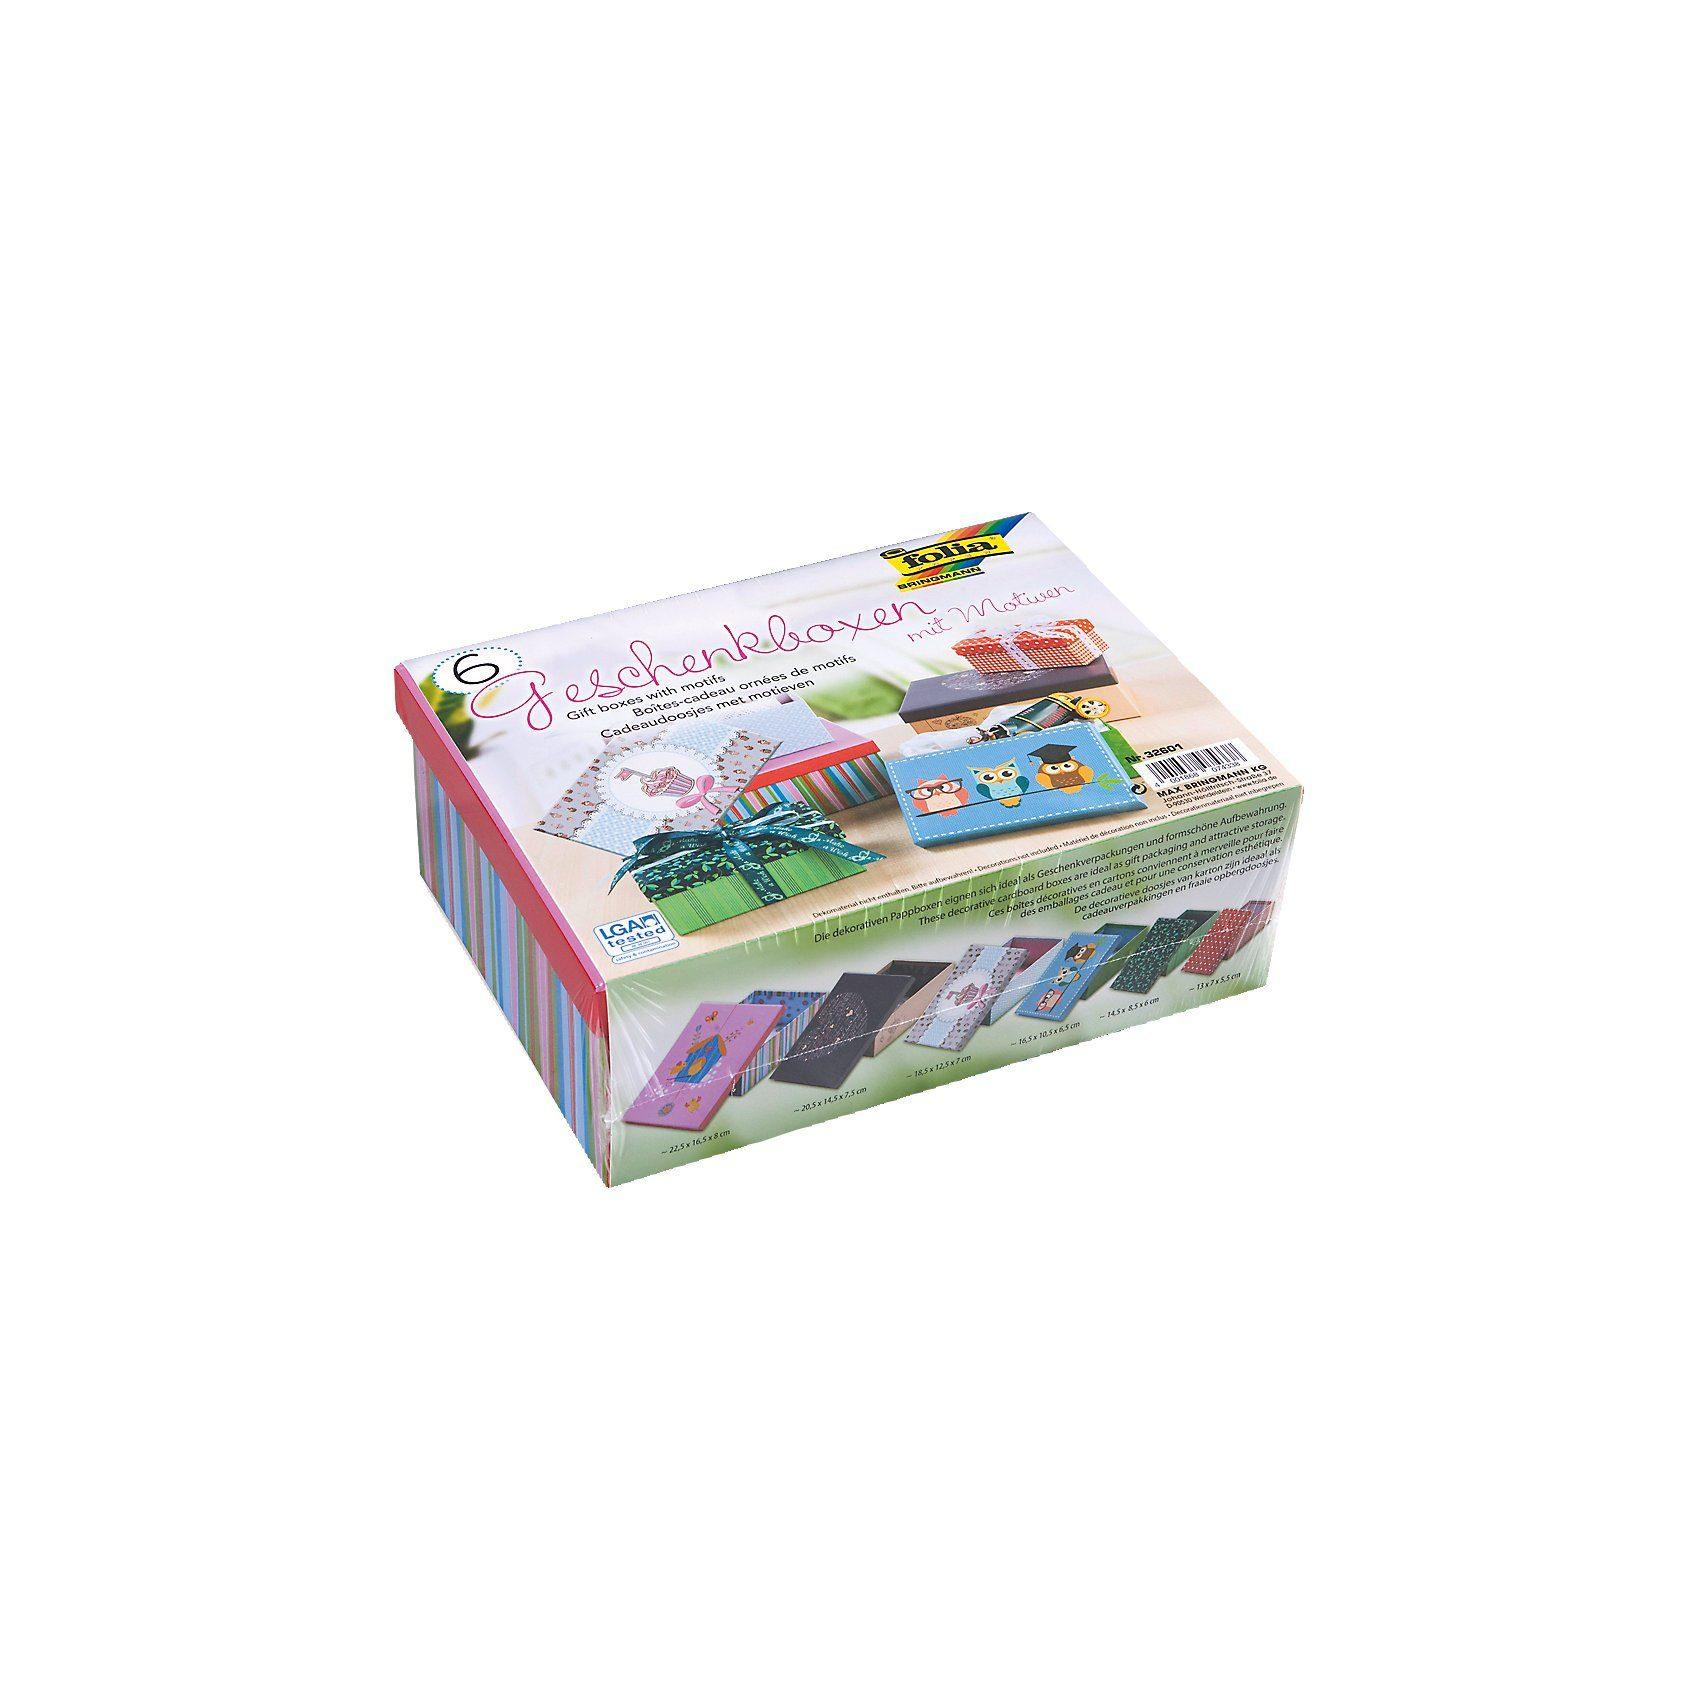 Folia Geschenkboxen-Set Ganzjahresmotive, 6 Stück